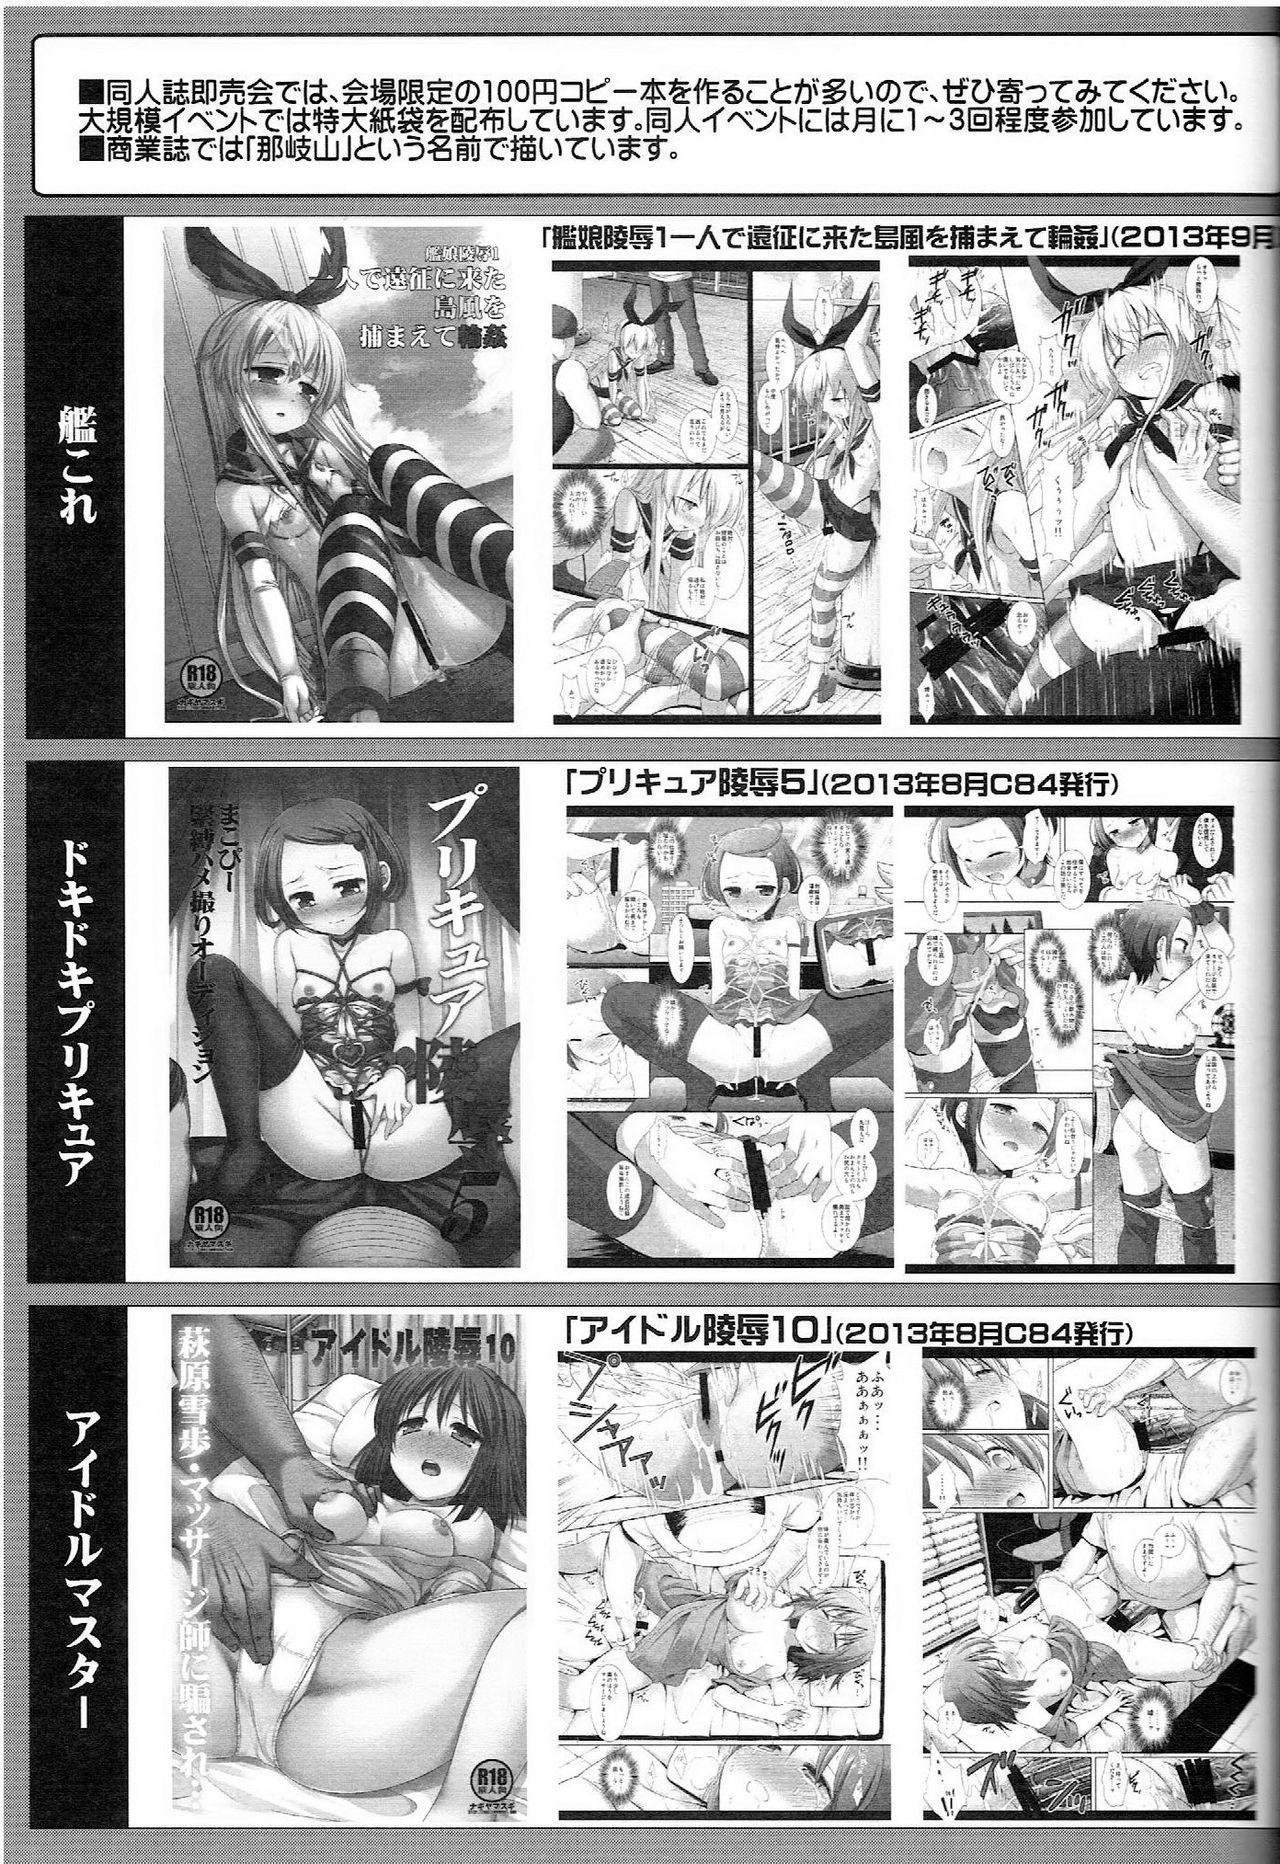 Idol Ryoujoku 11 Yukiho Sanfujinka Kenshin 20